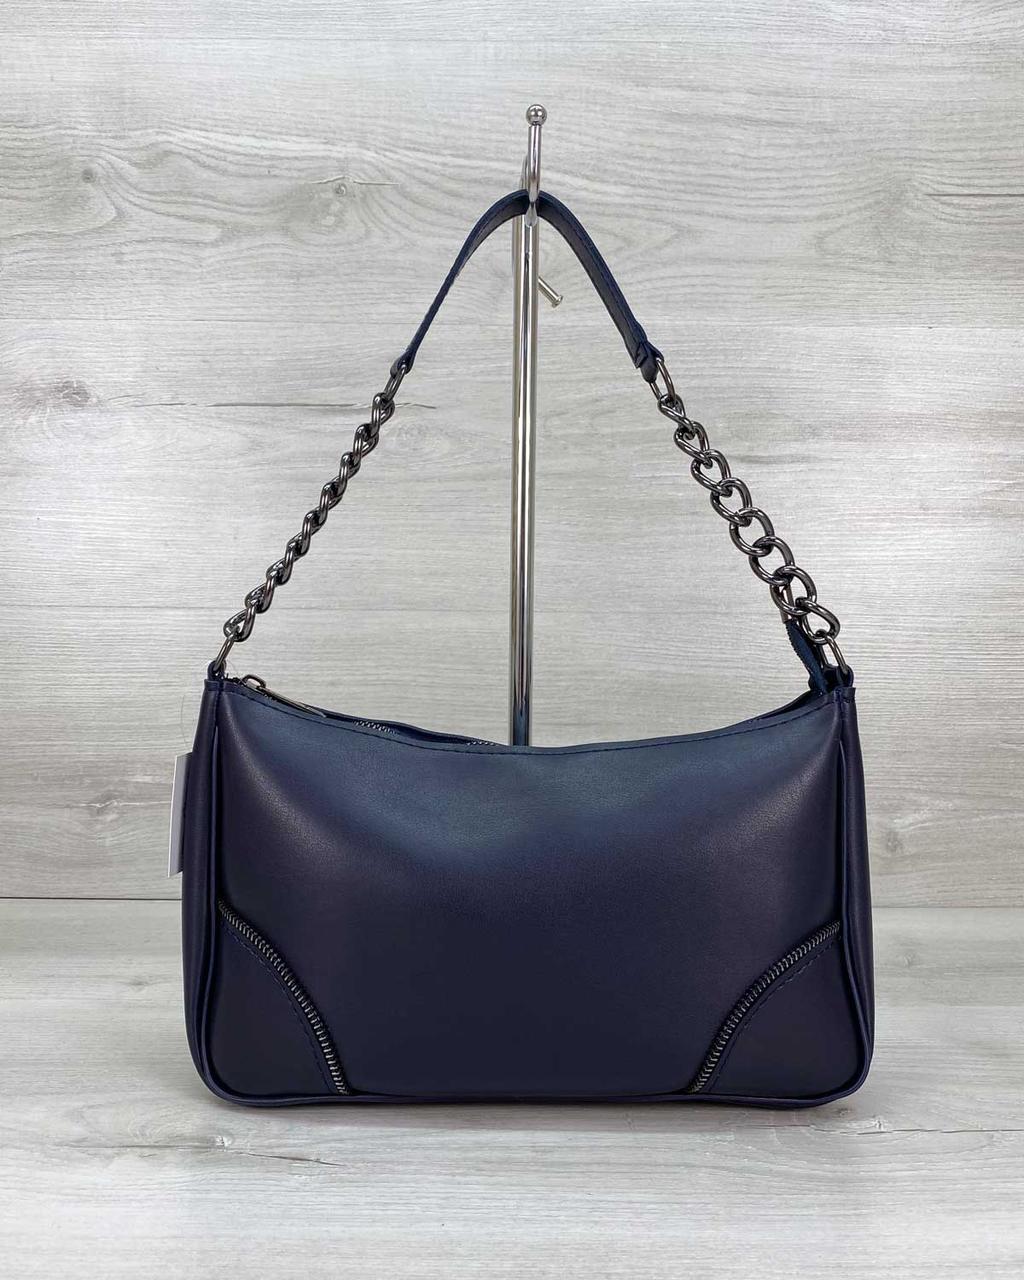 Синяя молодежная наплечная сумочка повседневная компактная с ремешком через плечо